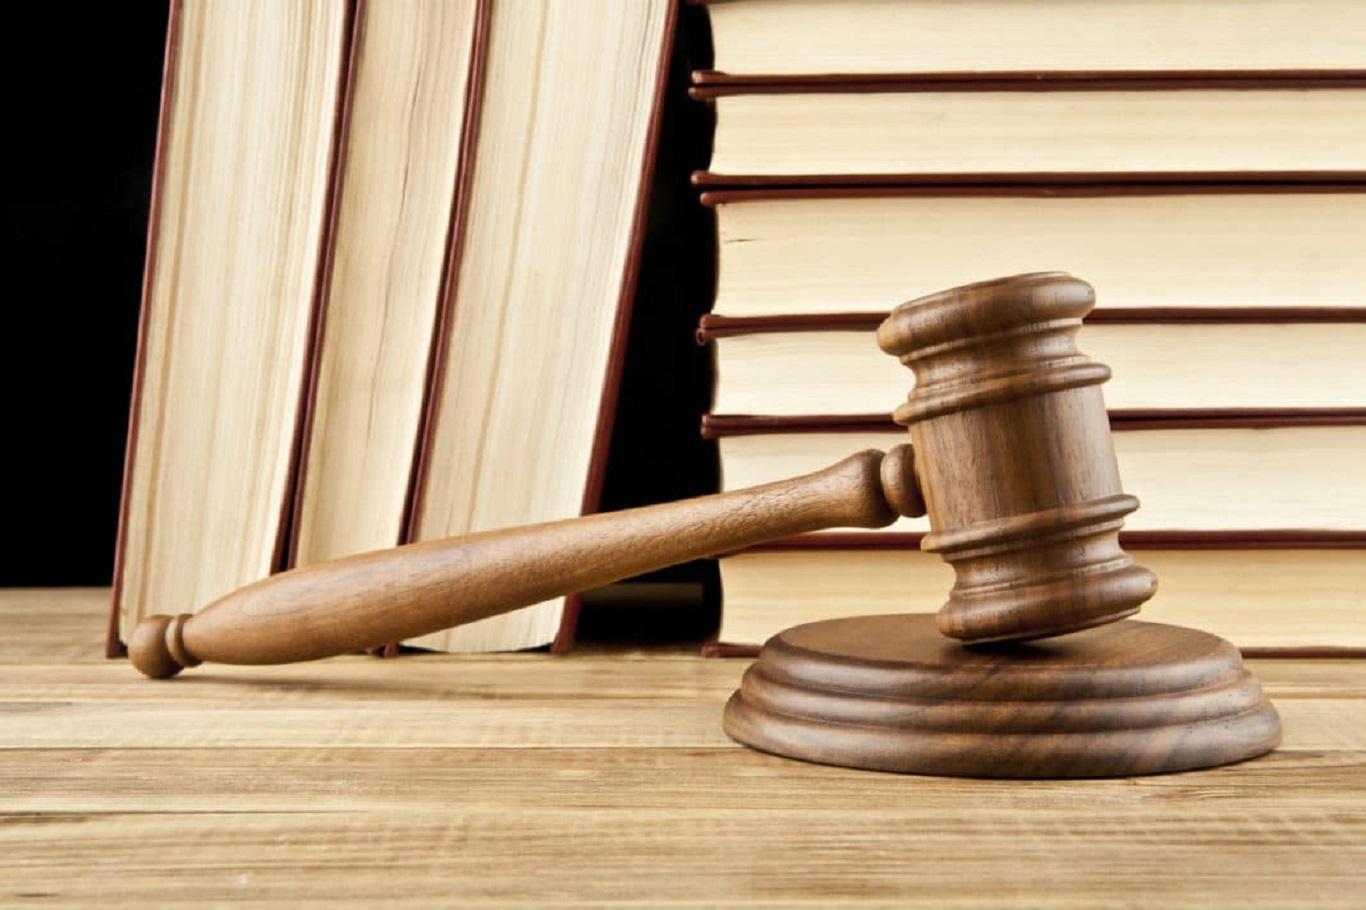 criminal-justice-system-works-1068x713